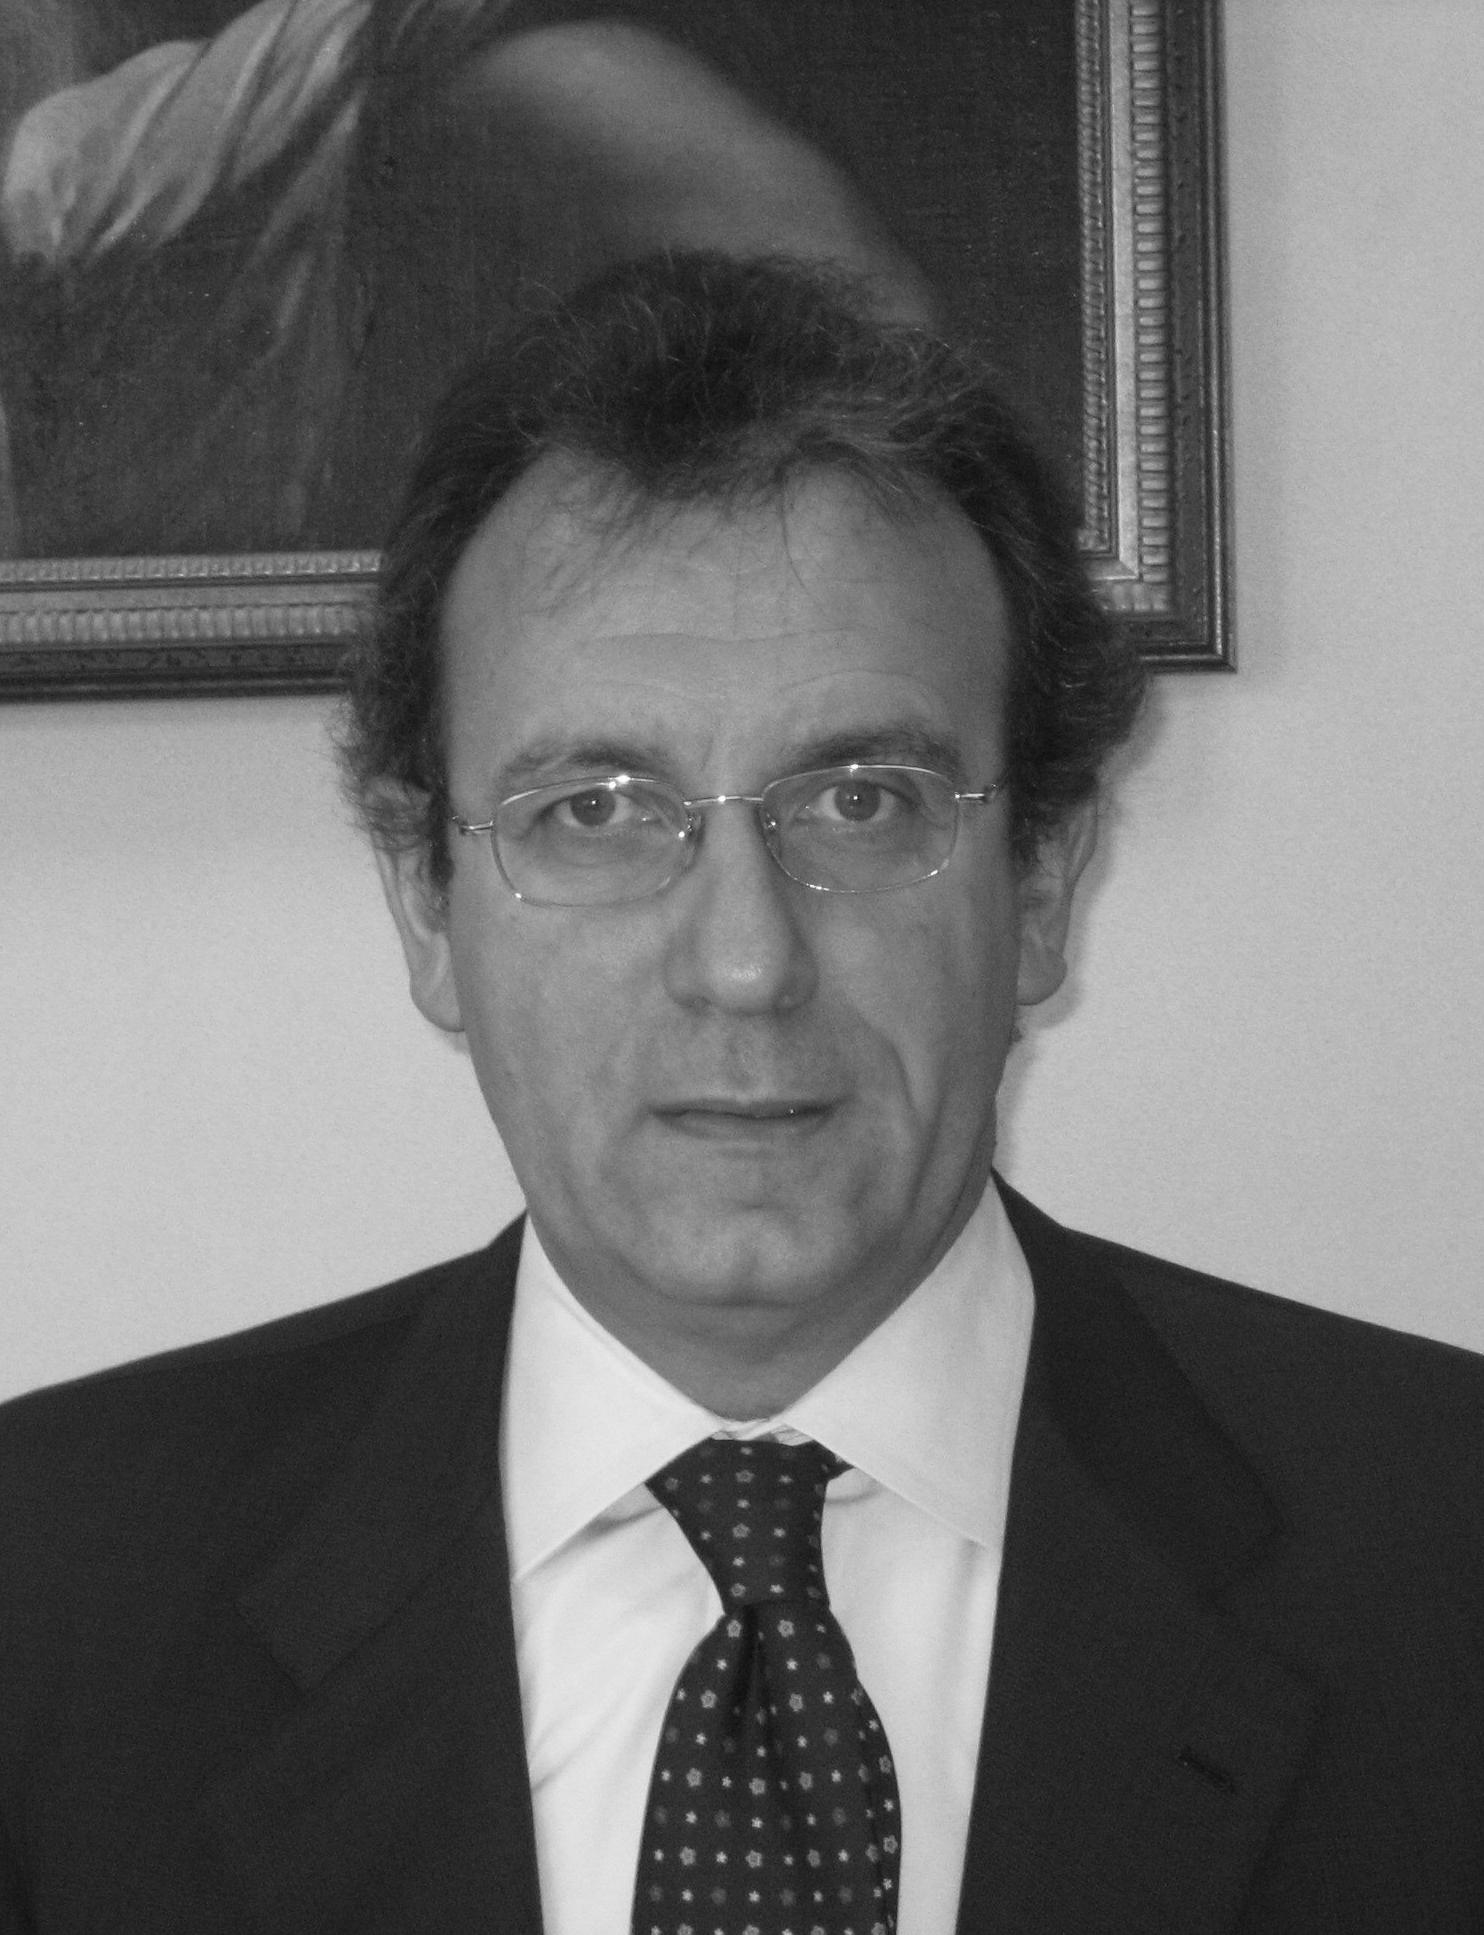 Luciano Festa